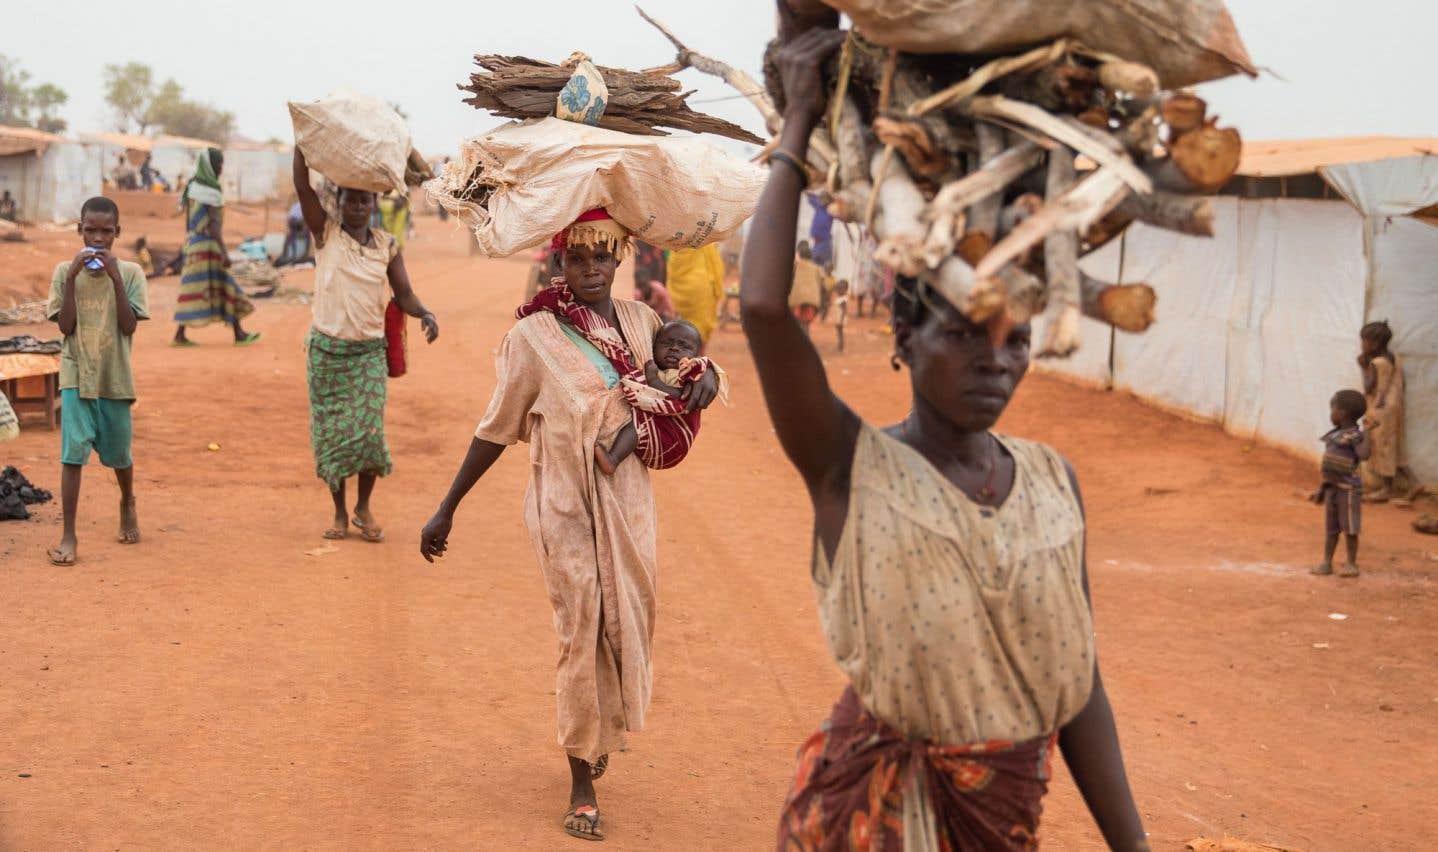 Le volet de l'aide humanitaire internationale a véritablement pris de l'expansion durant les dernières années, entre autres au Soudan du Sud, où des milliers de personnes risquent de mourir de faim.